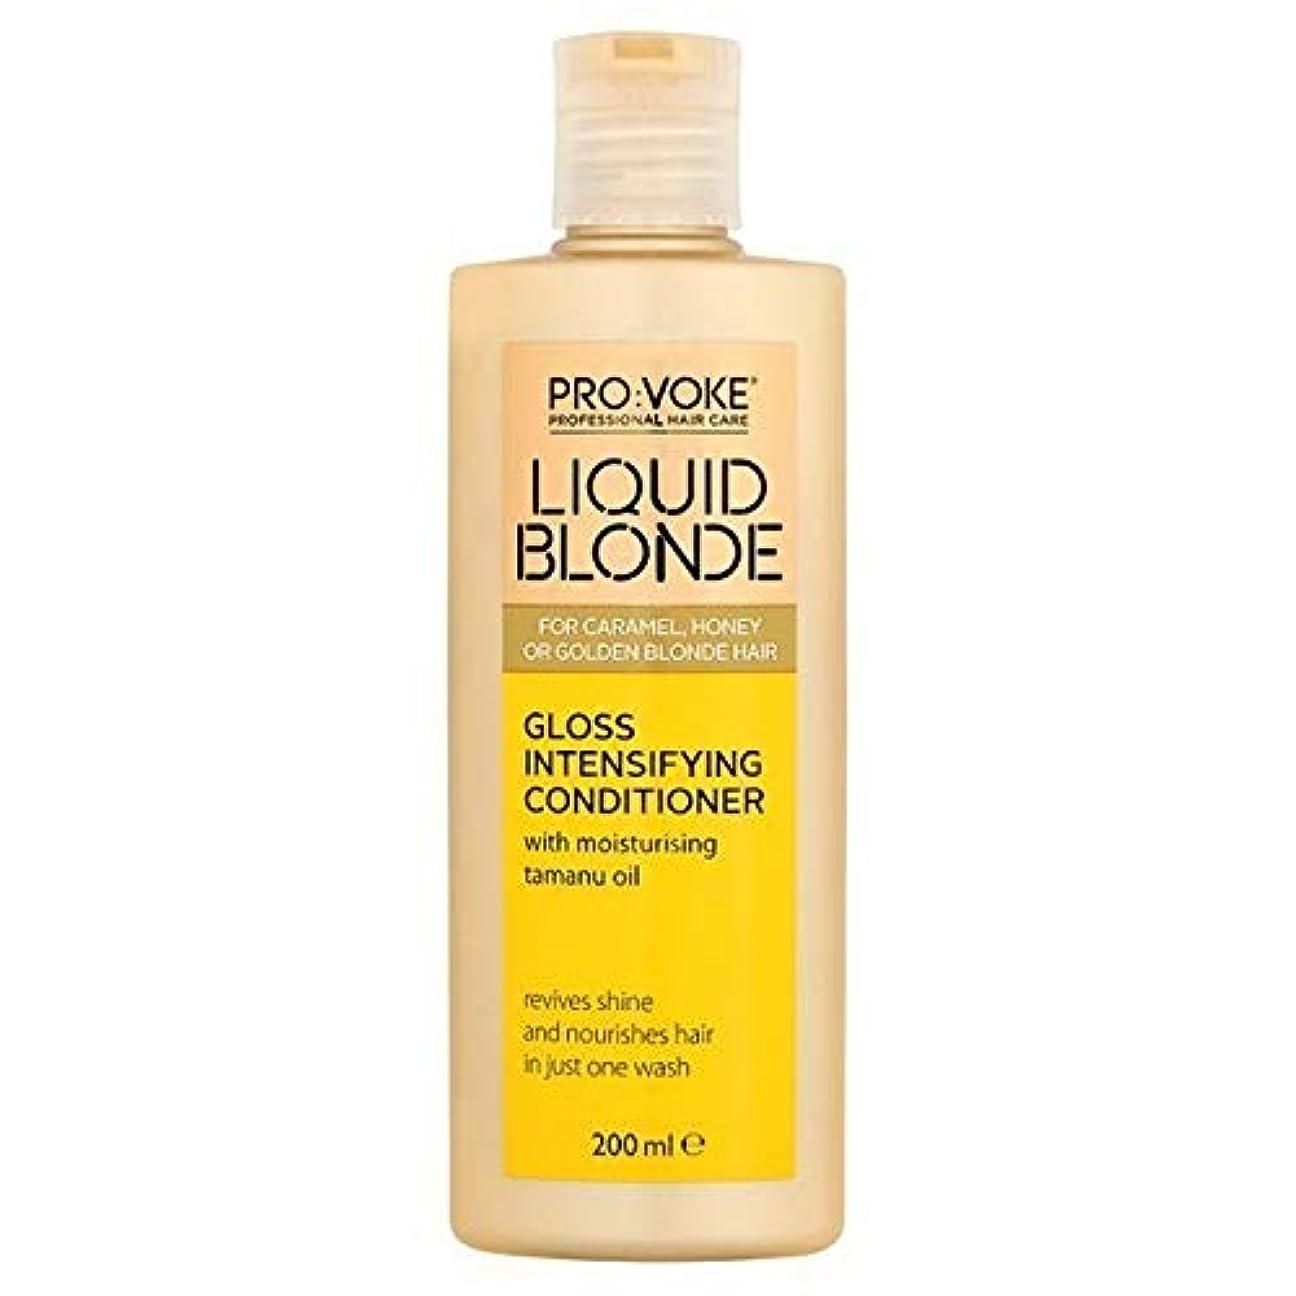 路地該当する漏斗[Pro:Voke] プロ:Voke液体ブロンド強烈な輝きコンディショナー - PRO:VOKE Liquid Blonde Intense Shine Conditioner [並行輸入品]